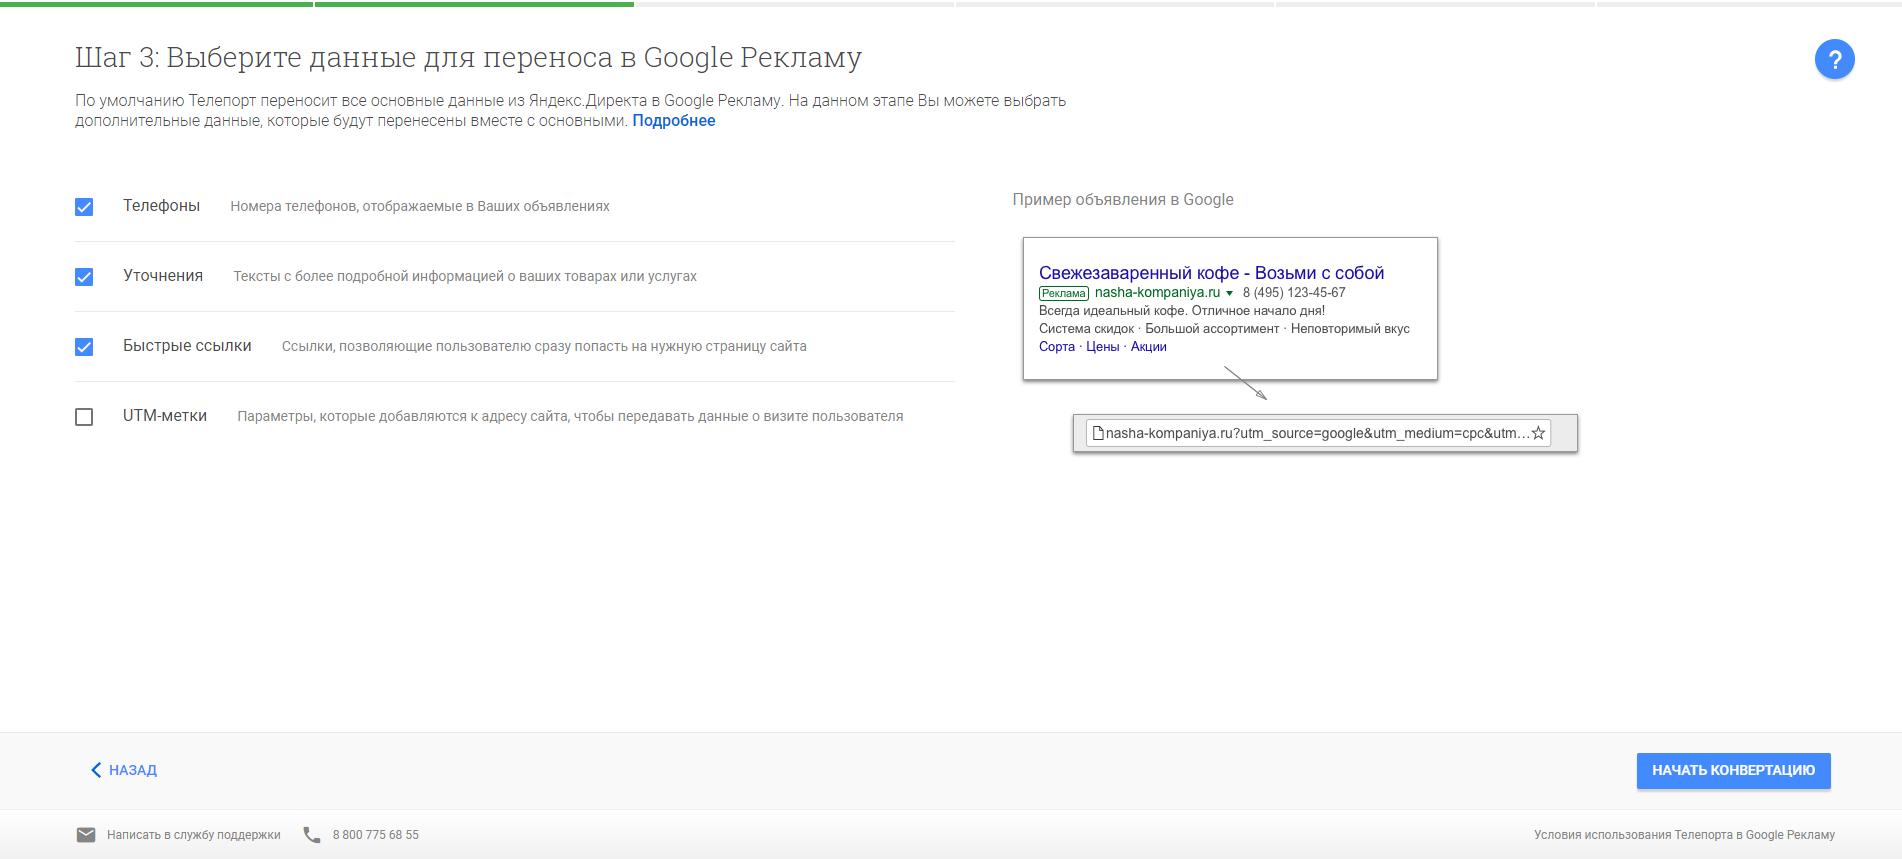 Перенос данных в Google Ads